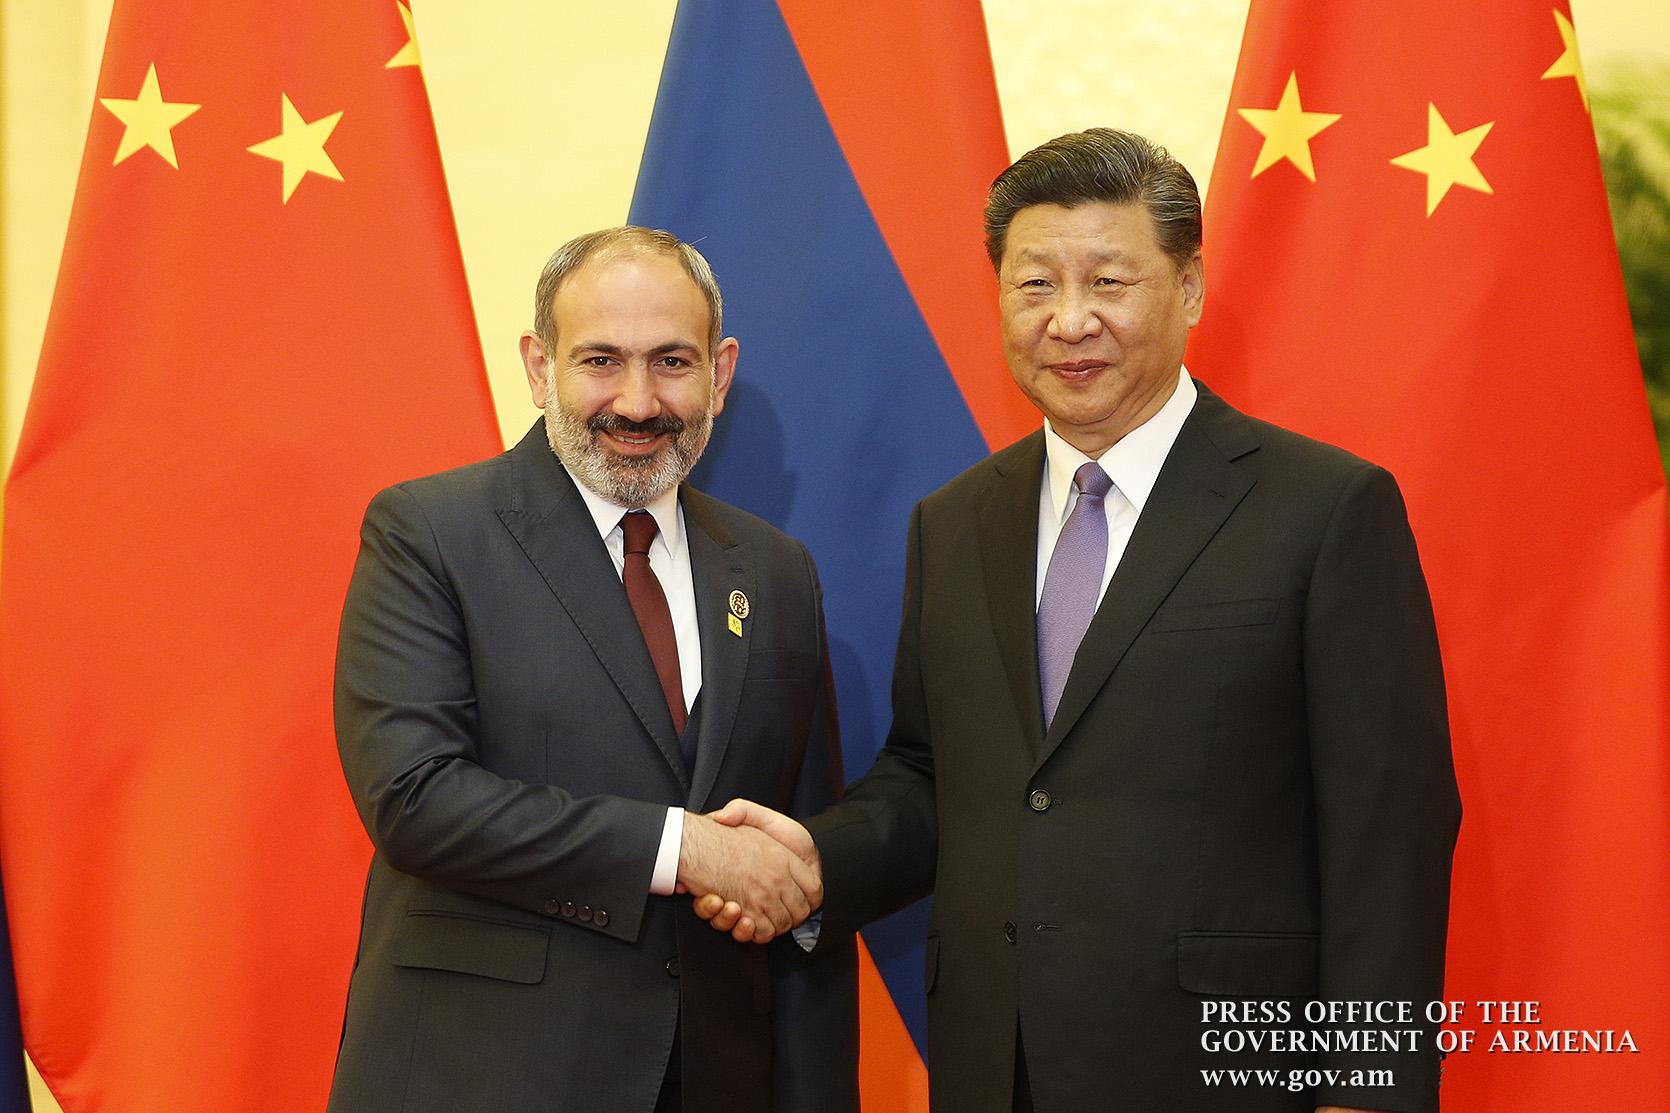 армяно-китайские отношения